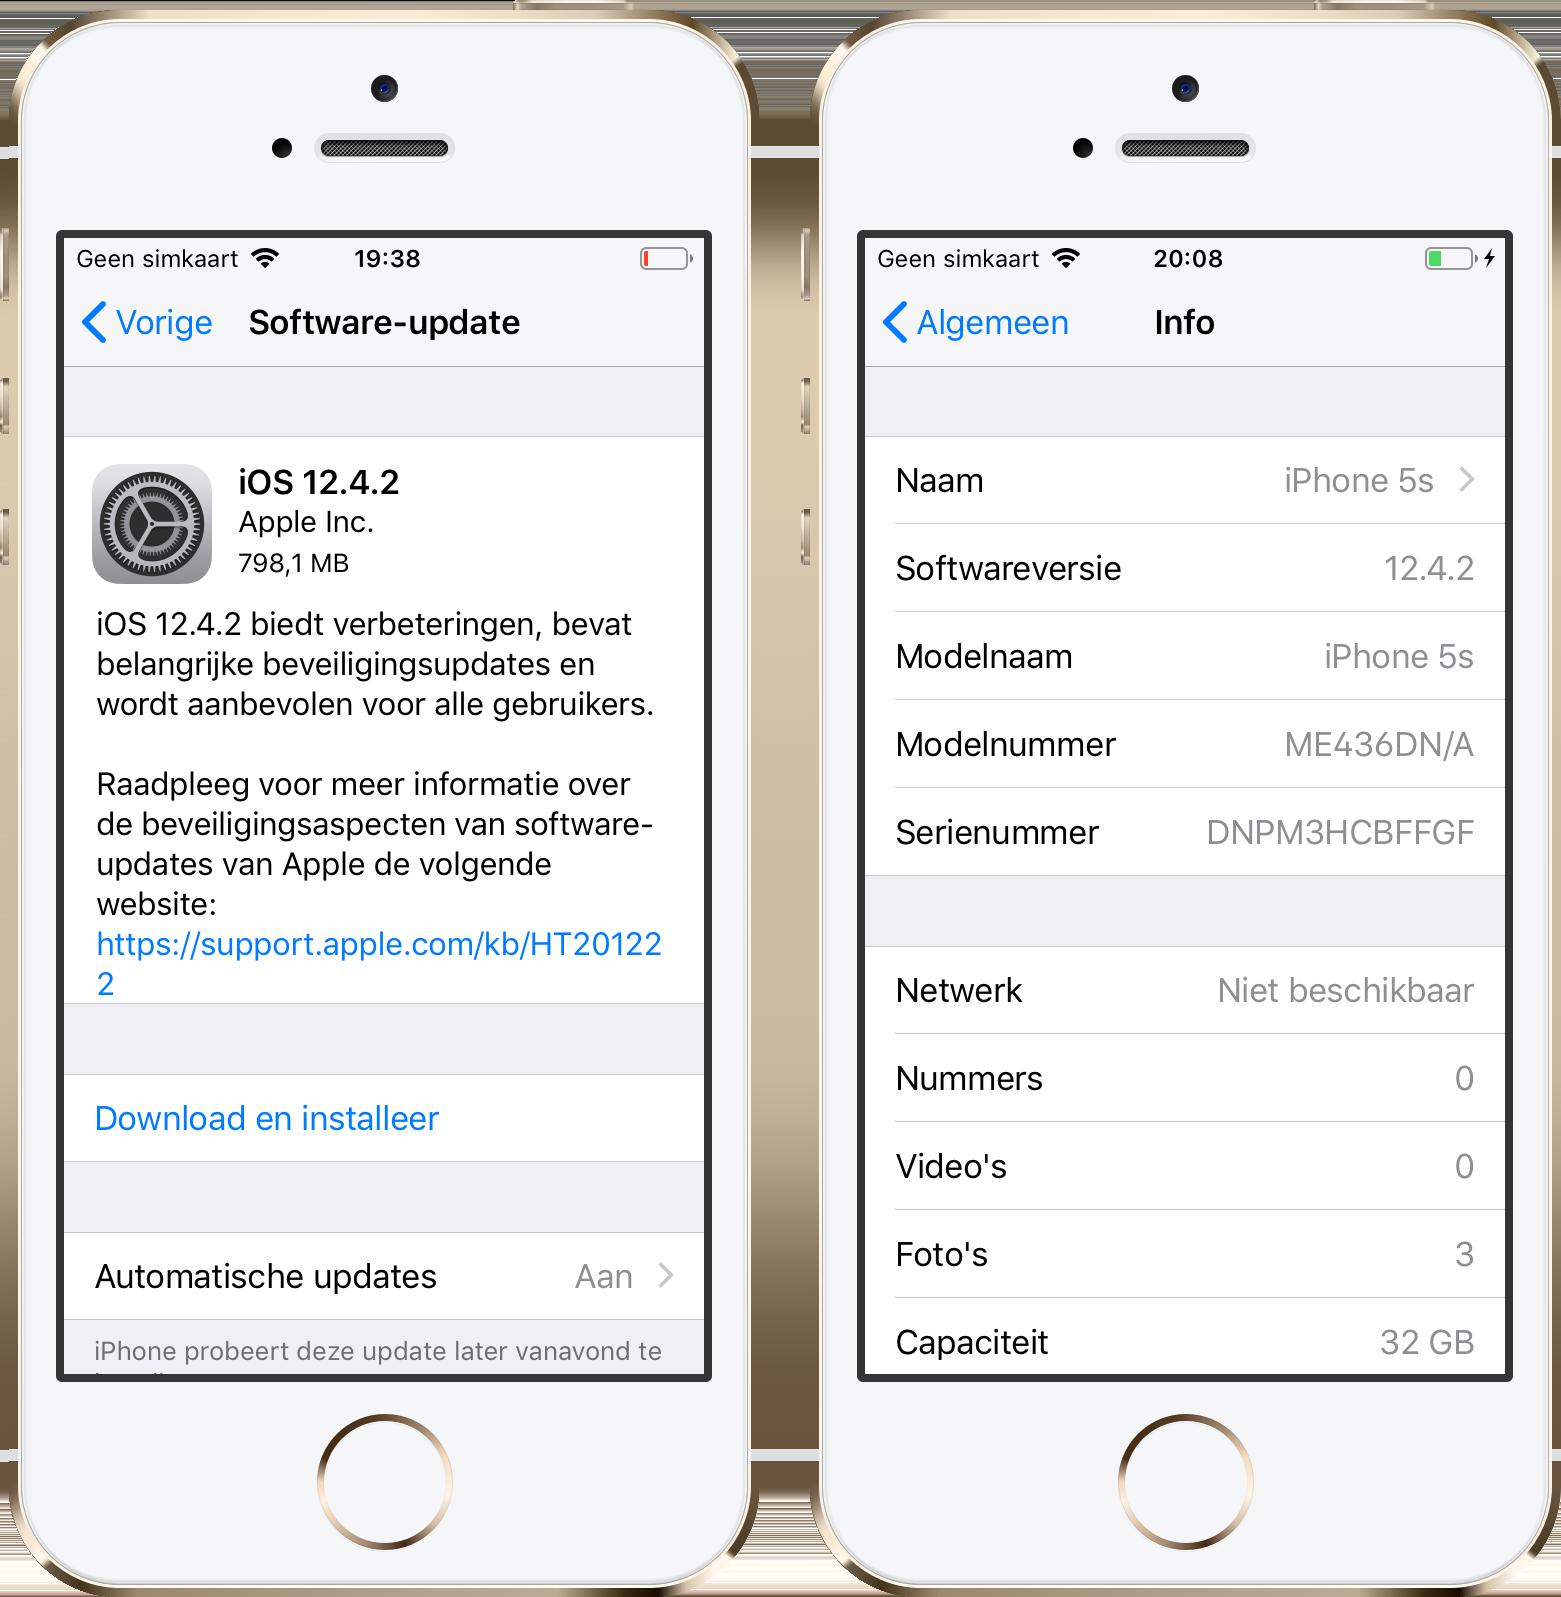 iOS 12.4.2 iPhone 5s